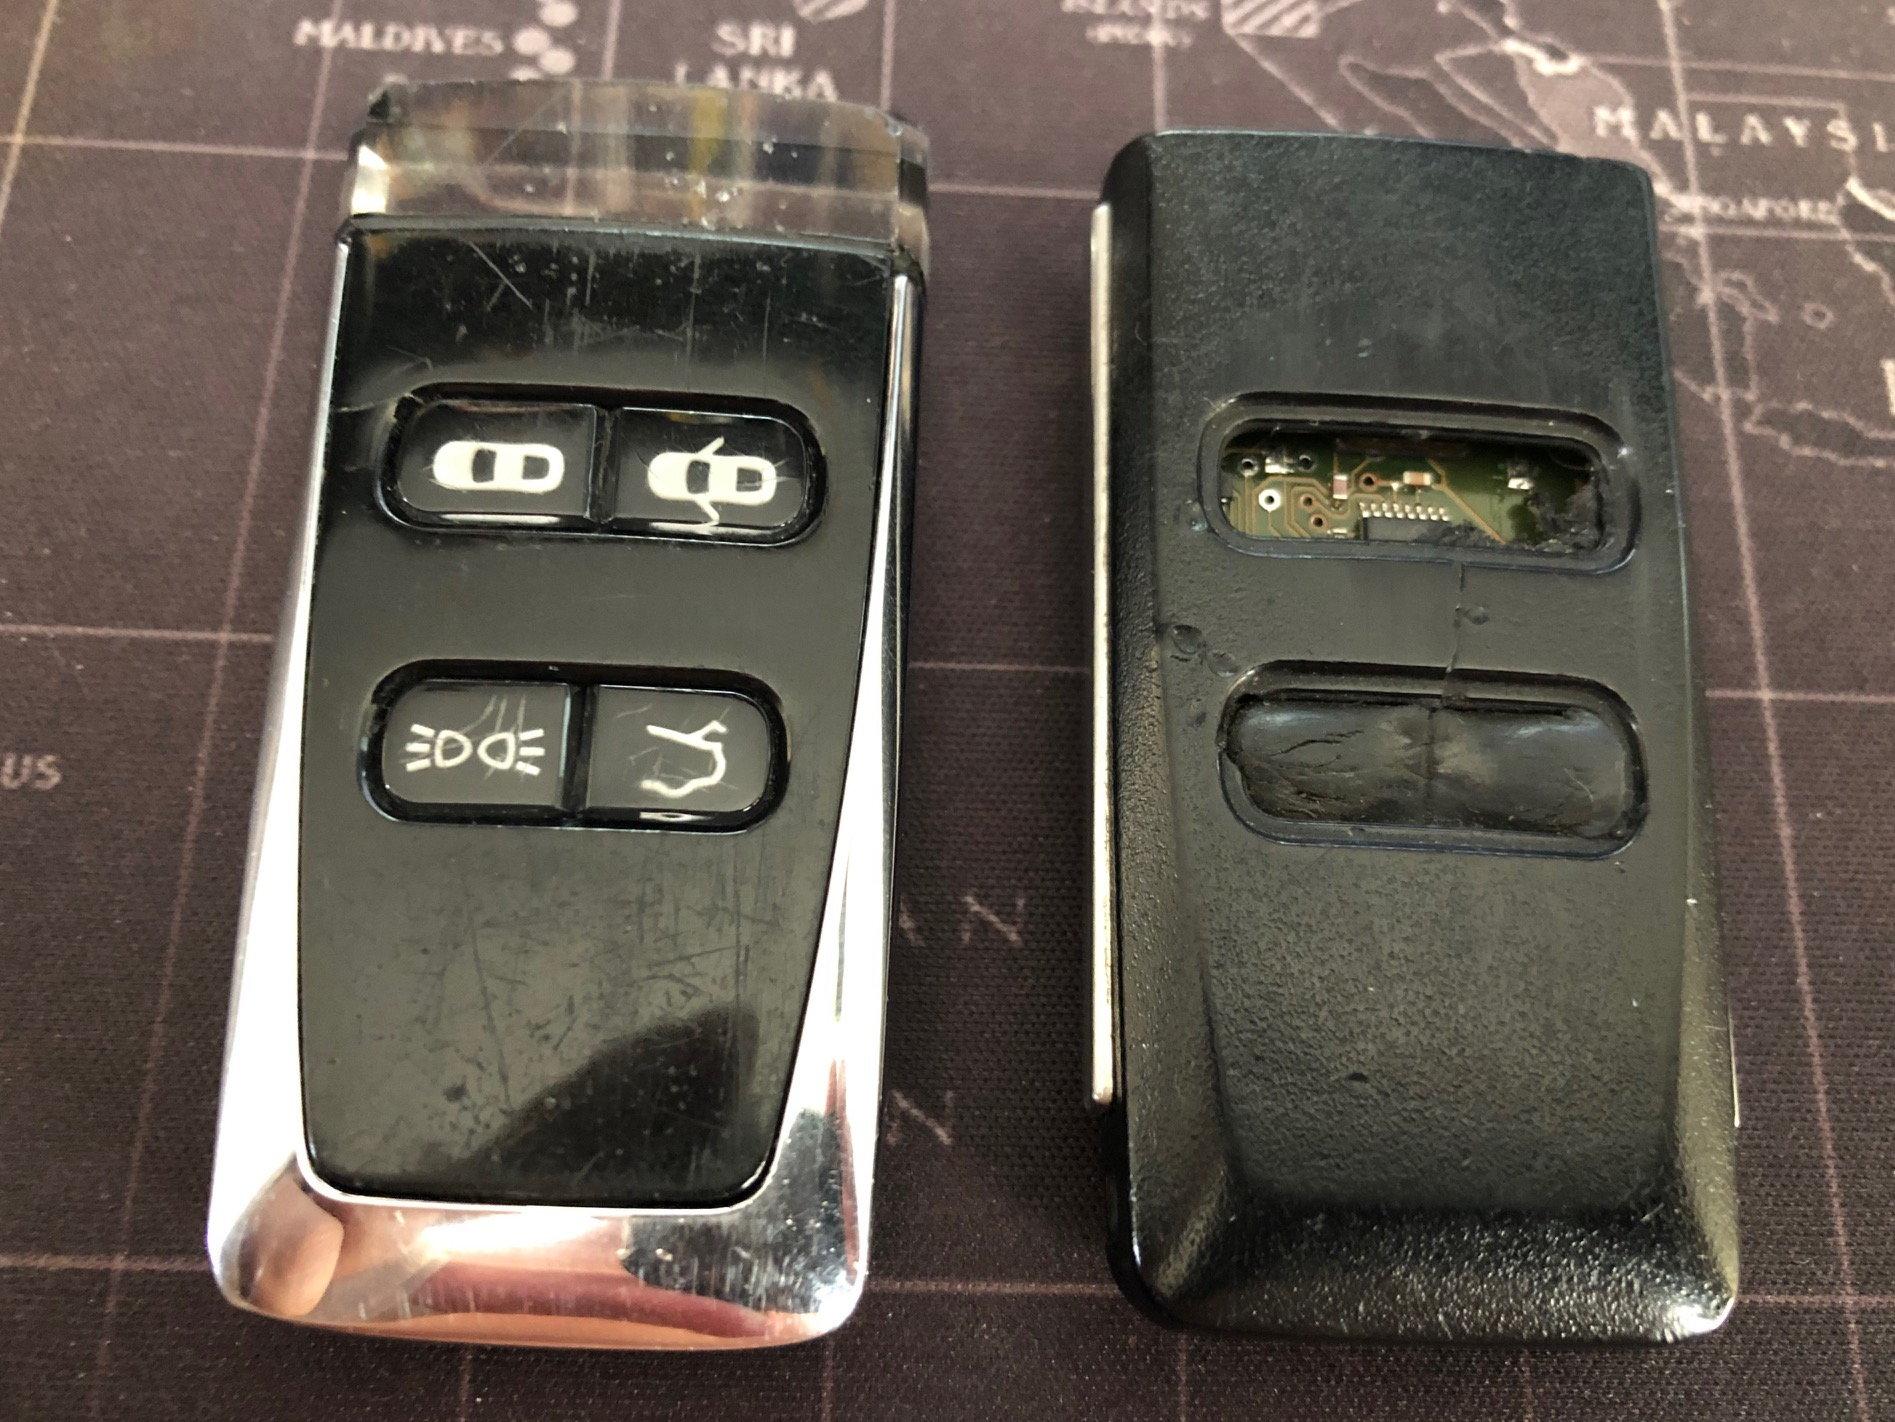 Dbs Sapphire Key 6speedonline Porsche Forum And Luxury Car Resource